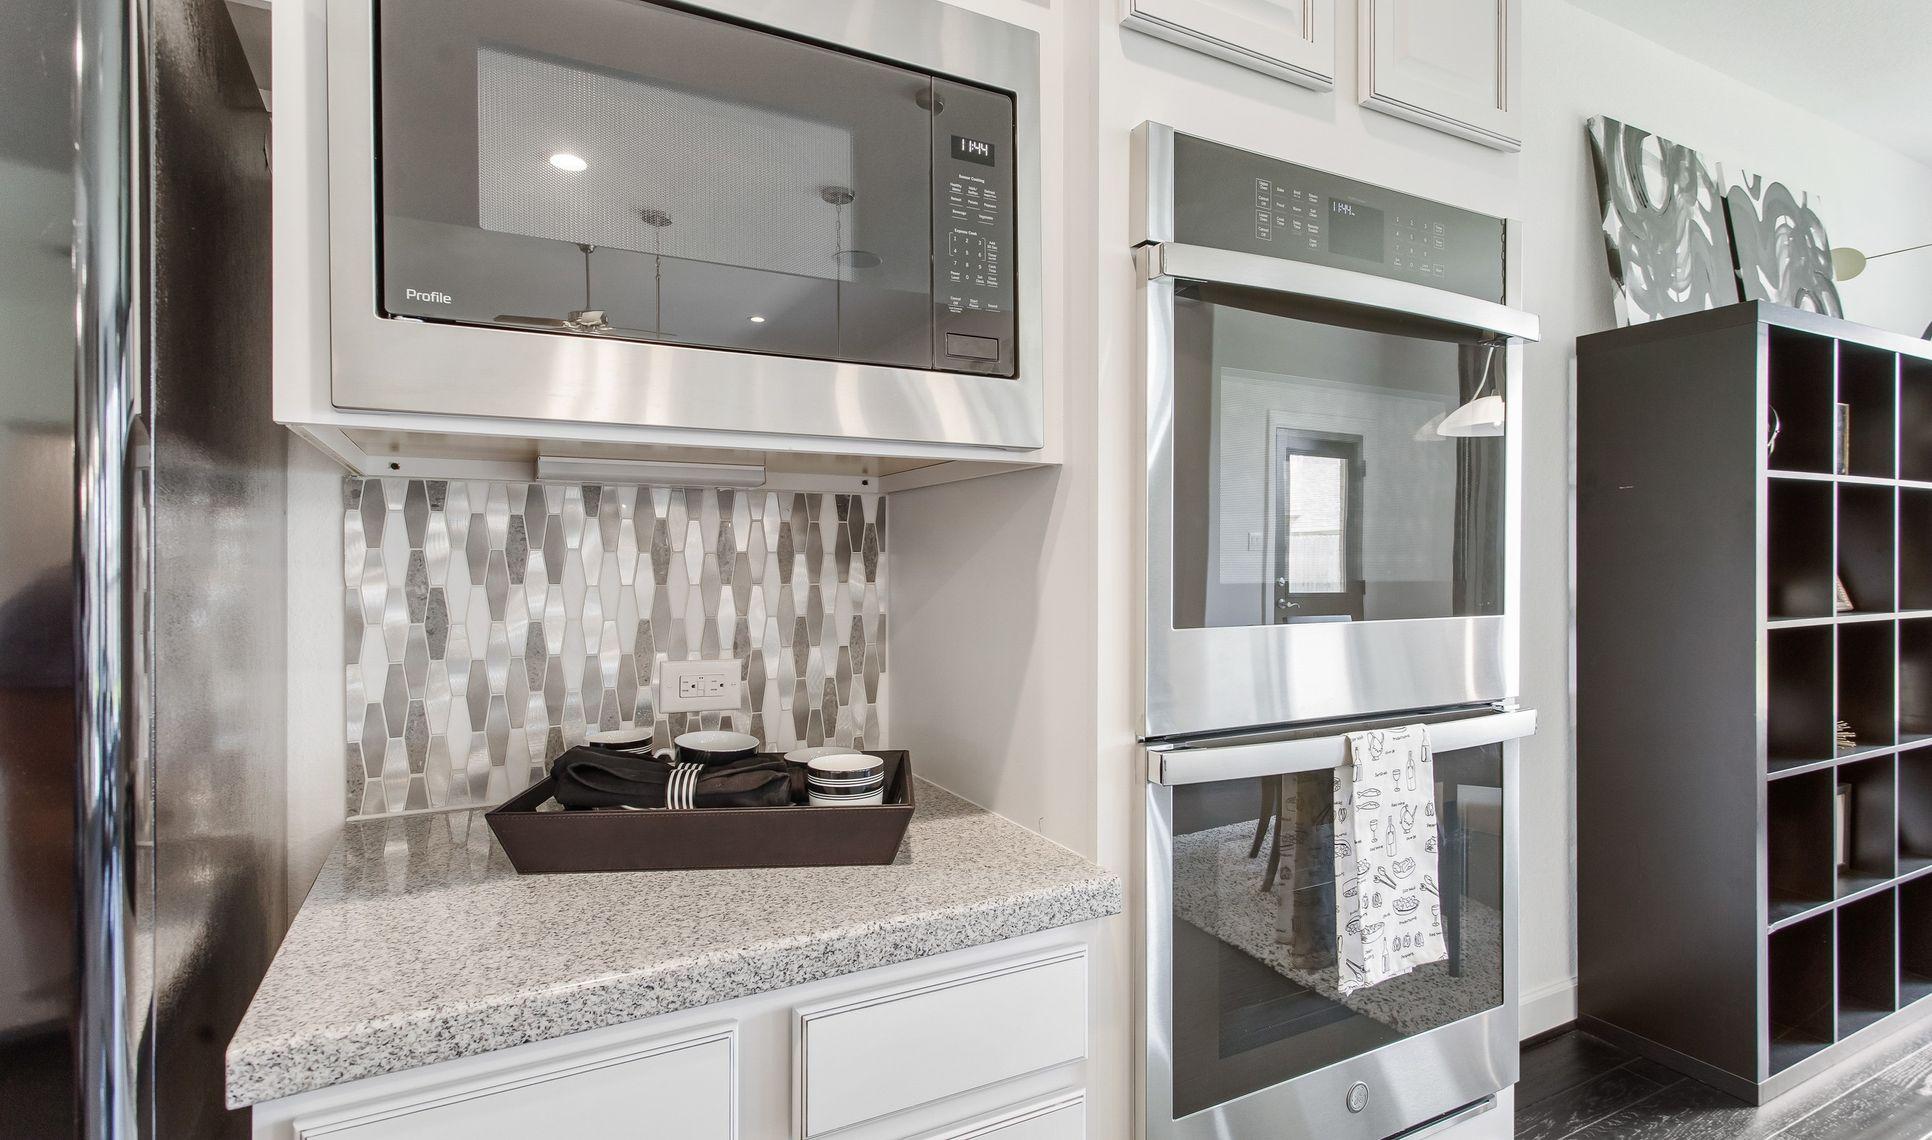 Interior:Stylish kitchen backsplash